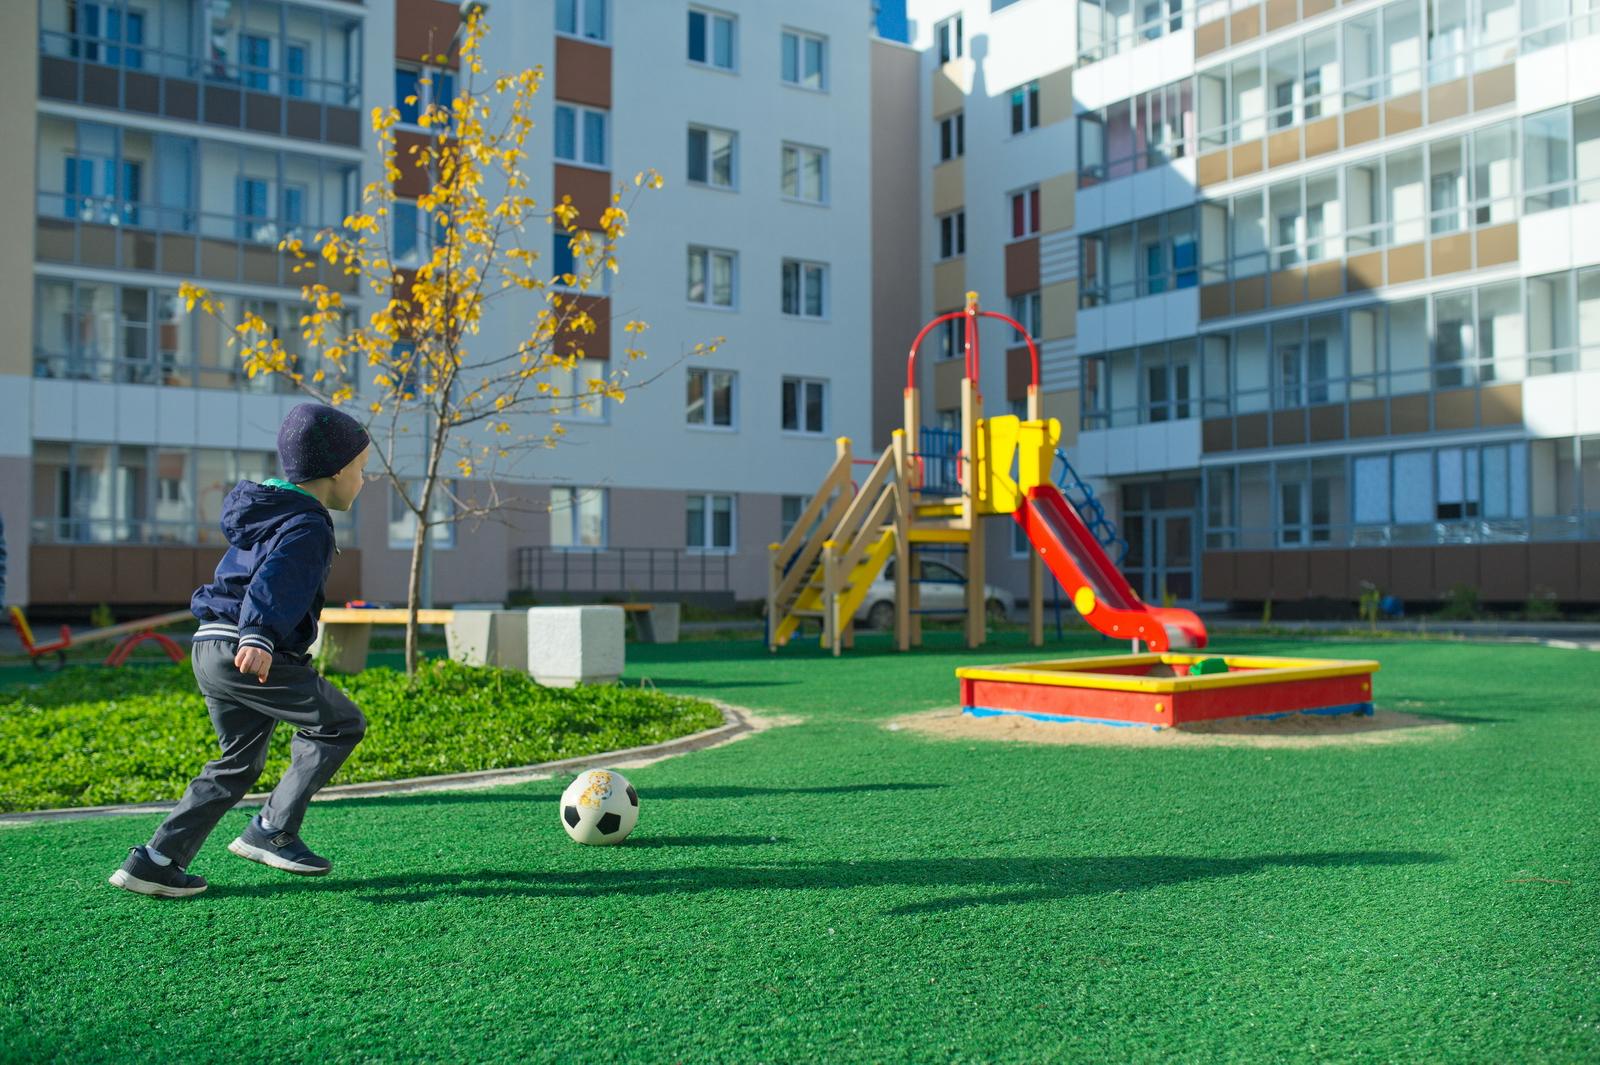 На ровном газоне летом удобно играть в футбол, загорать и ходить босиком